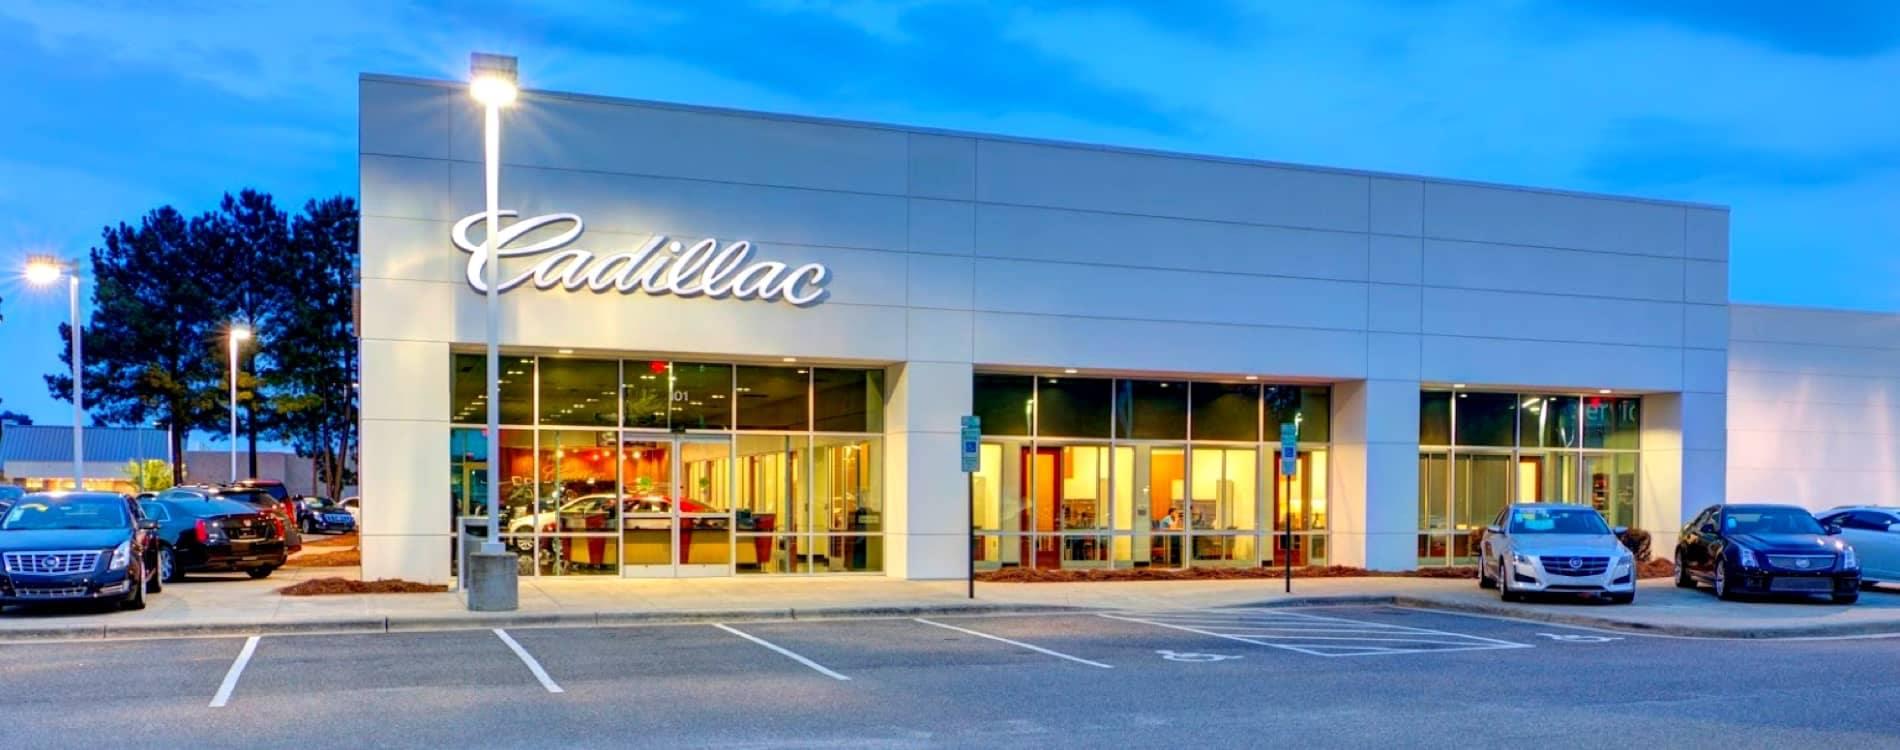 Hendrick Cadillac Cary Exterior of the dealership